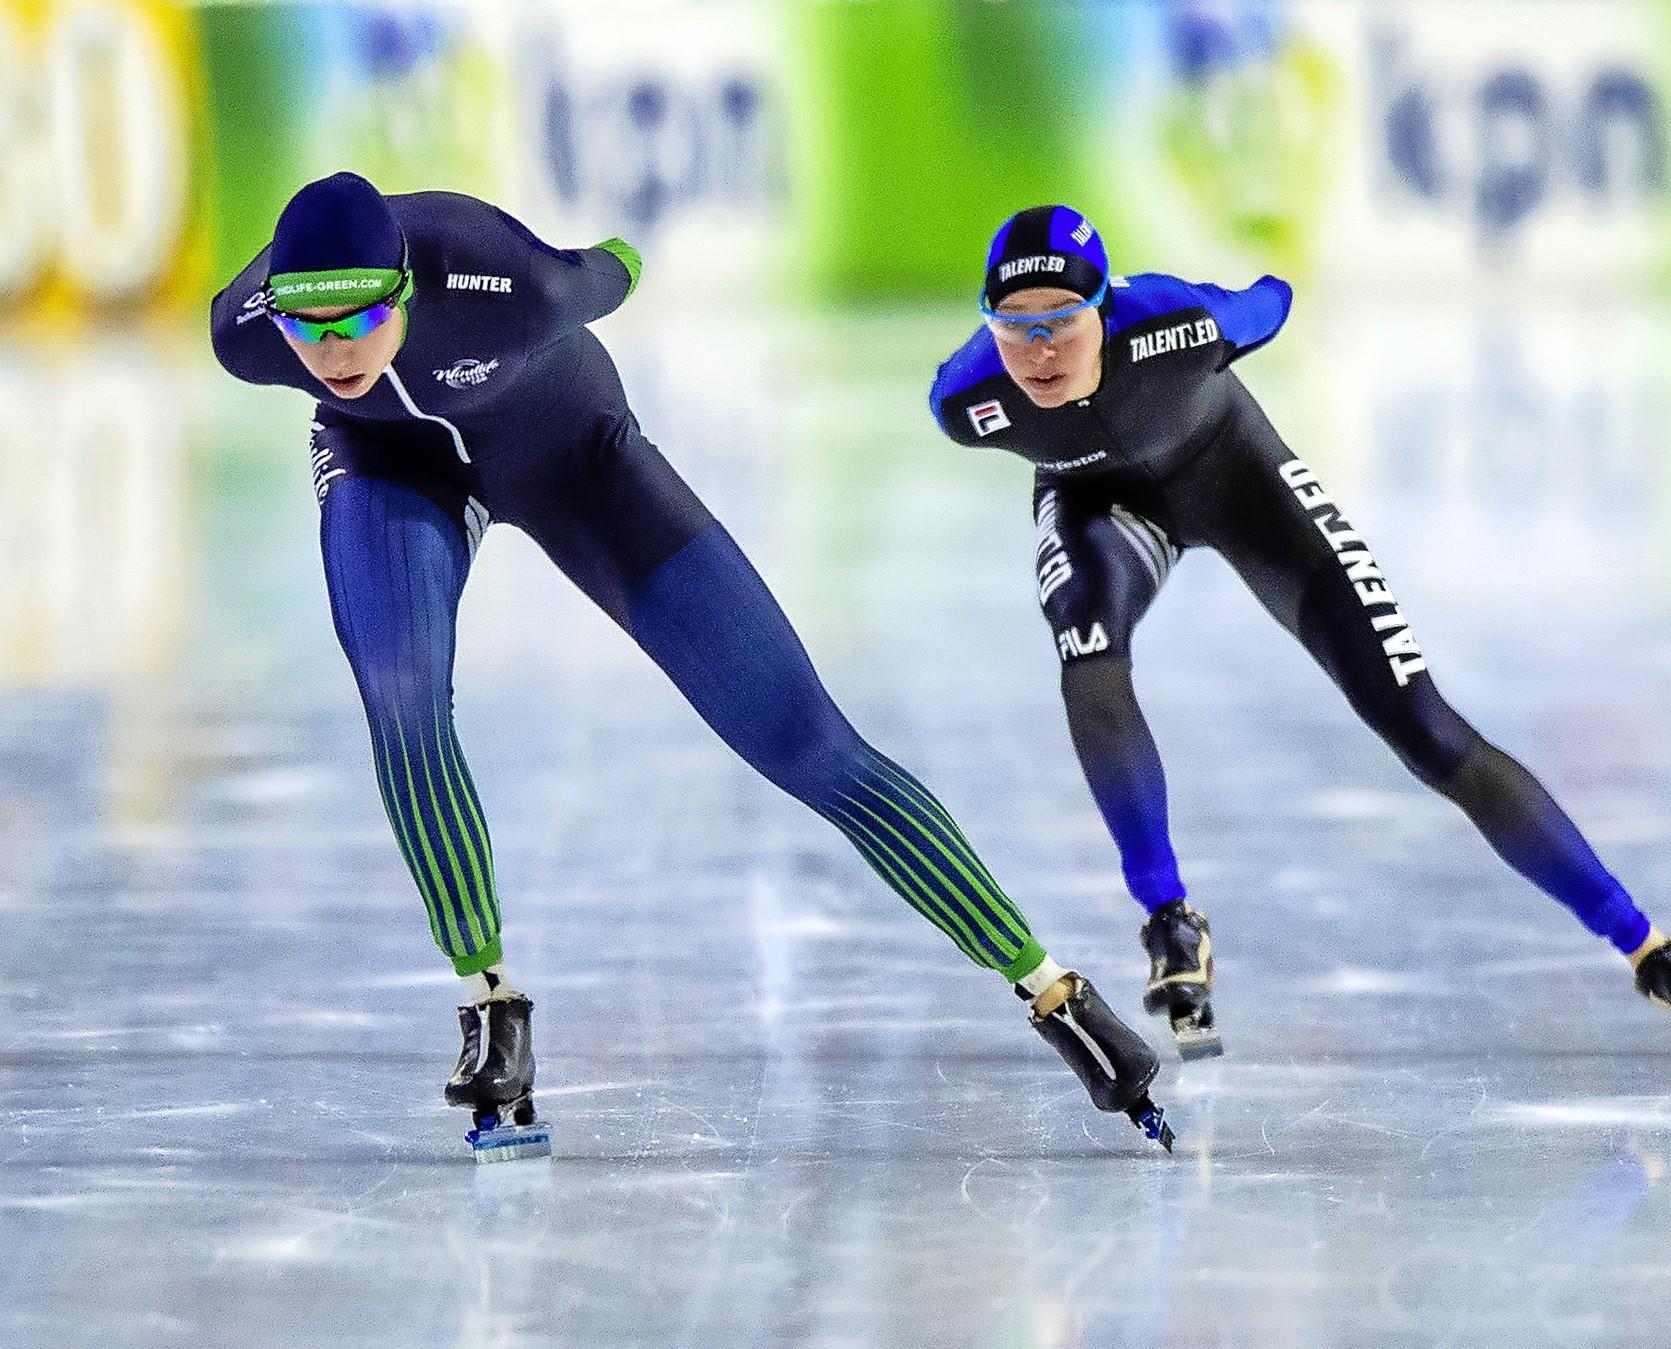 Zaandijkse Roza Blokker kijkt met gemengde gevoelens terug op NK allround: 'Al met al kan ik terug kijken op een redelijk geslaagd toernooi. Maar ik weet ook dat ik me nog op een hoop vlakken kan verbeteren'